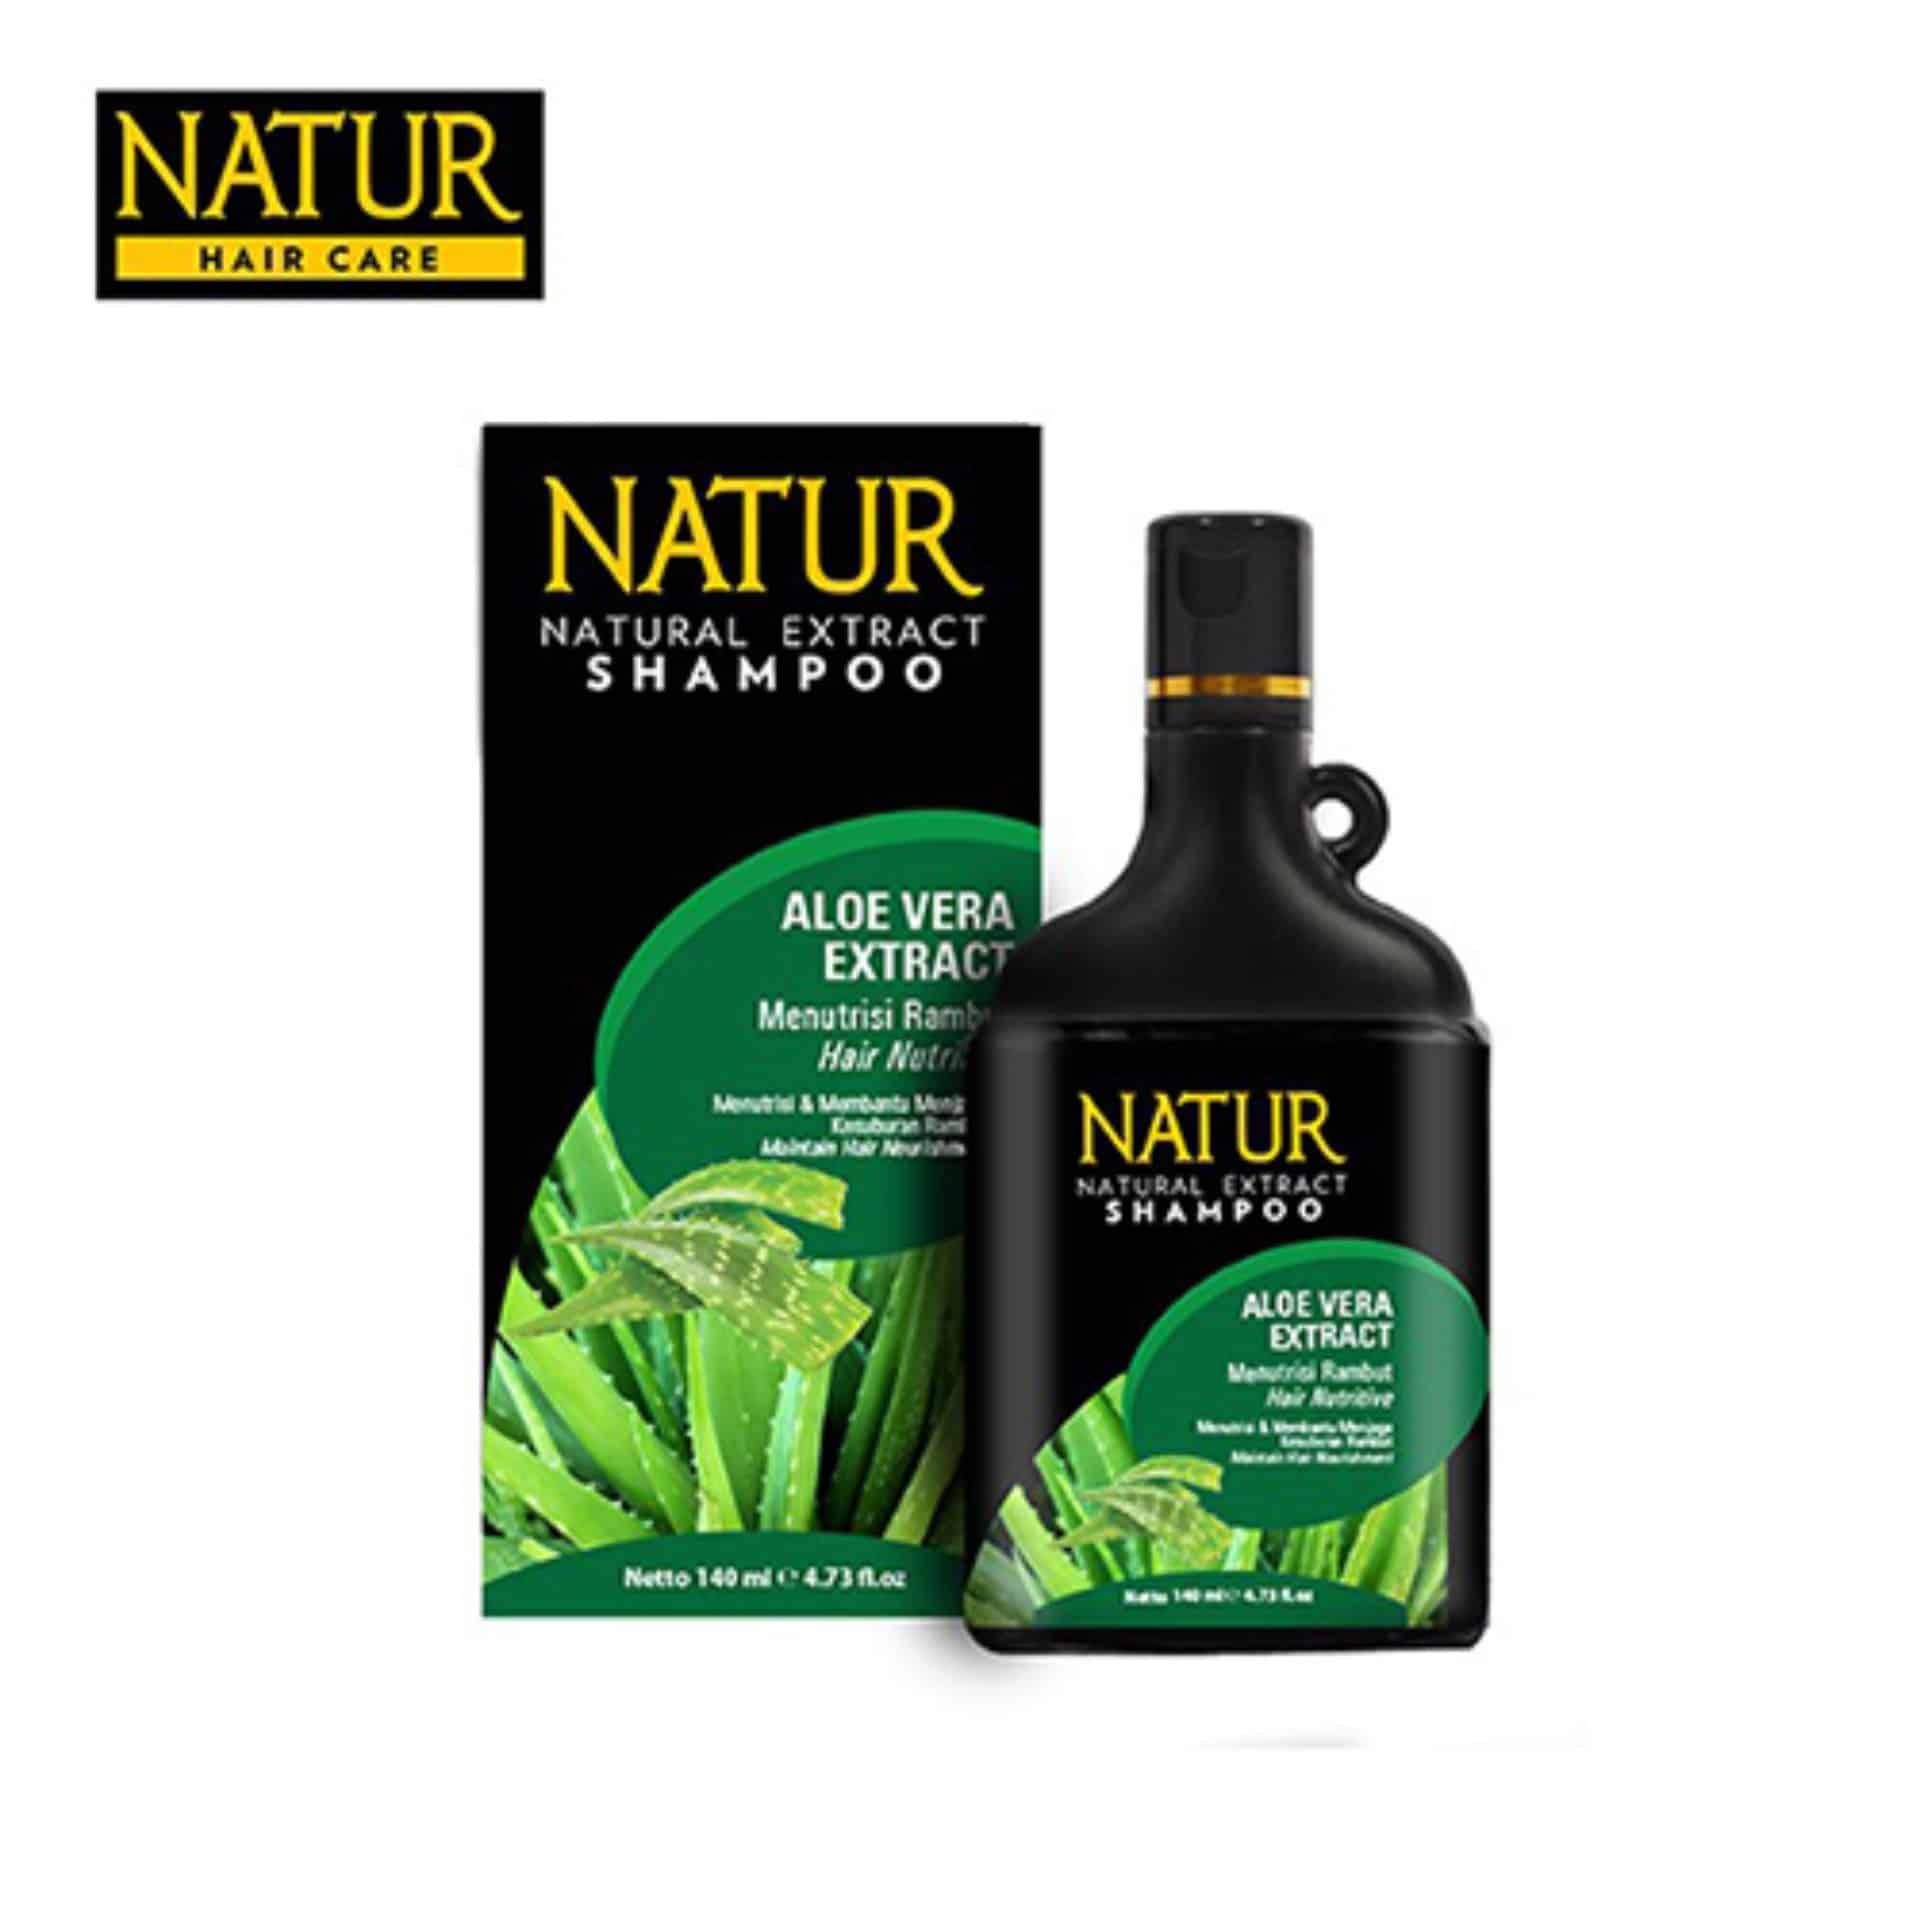 Natur-Extract-Shampo-Aloe-Vera-Extract